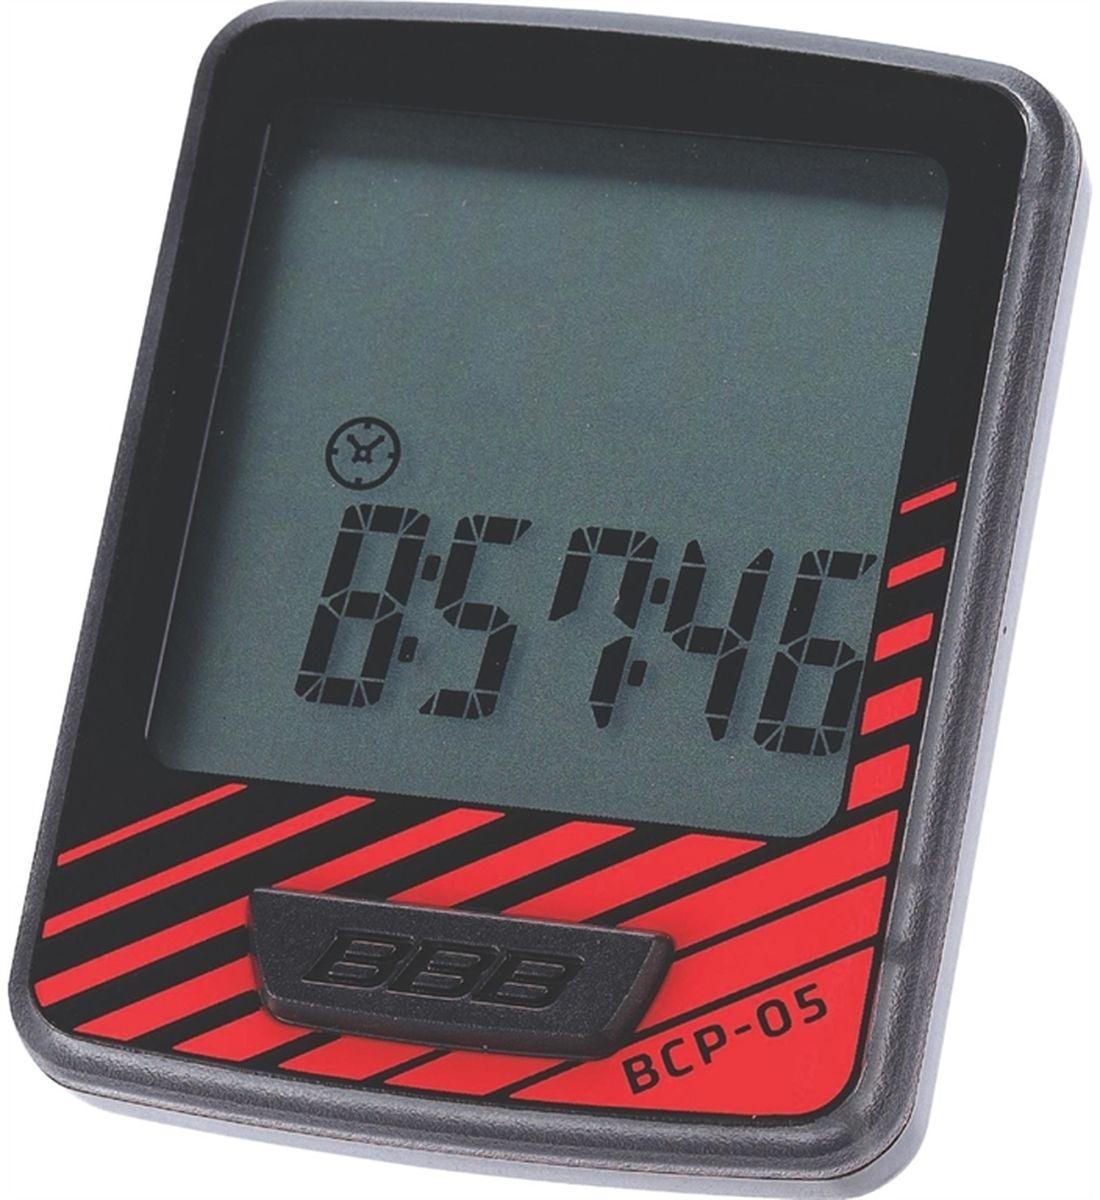 Велокомпьютер BBB DashBoard, цвет: черный, красный, 7 функцийBCP-05Велокомпьютер BBB DashBoard стал, в своем роде, образцом для подражания. Появившись как простой и небольшой велокомпьютер с большим и легкочитаемым экраном, он эволюционировал в любимый прибор велосипедистов, которым нужна простая в использовании вещь без тысячи лишних функций. Общий размер велокомпьютера имеет небольшой размер за счет верхней части корпуса. Размер экрана 32 х 32 мм, позволяющие легко считывать информацию. Управление одной кнопкой.Функции:Текущая скоростьРасстояние поездкиОдометрЧасыАвтоматический переход функцийАвто старт/стопИндикатор низкого заряда батареи.Особенности:Легко читаемый полноразмерный дисплей.Удобное управление с помощью одной кнопки.Компьютер может быть установлен на руле и выносе.Водонепроницаемый корпус.Батарейка в комплекте.